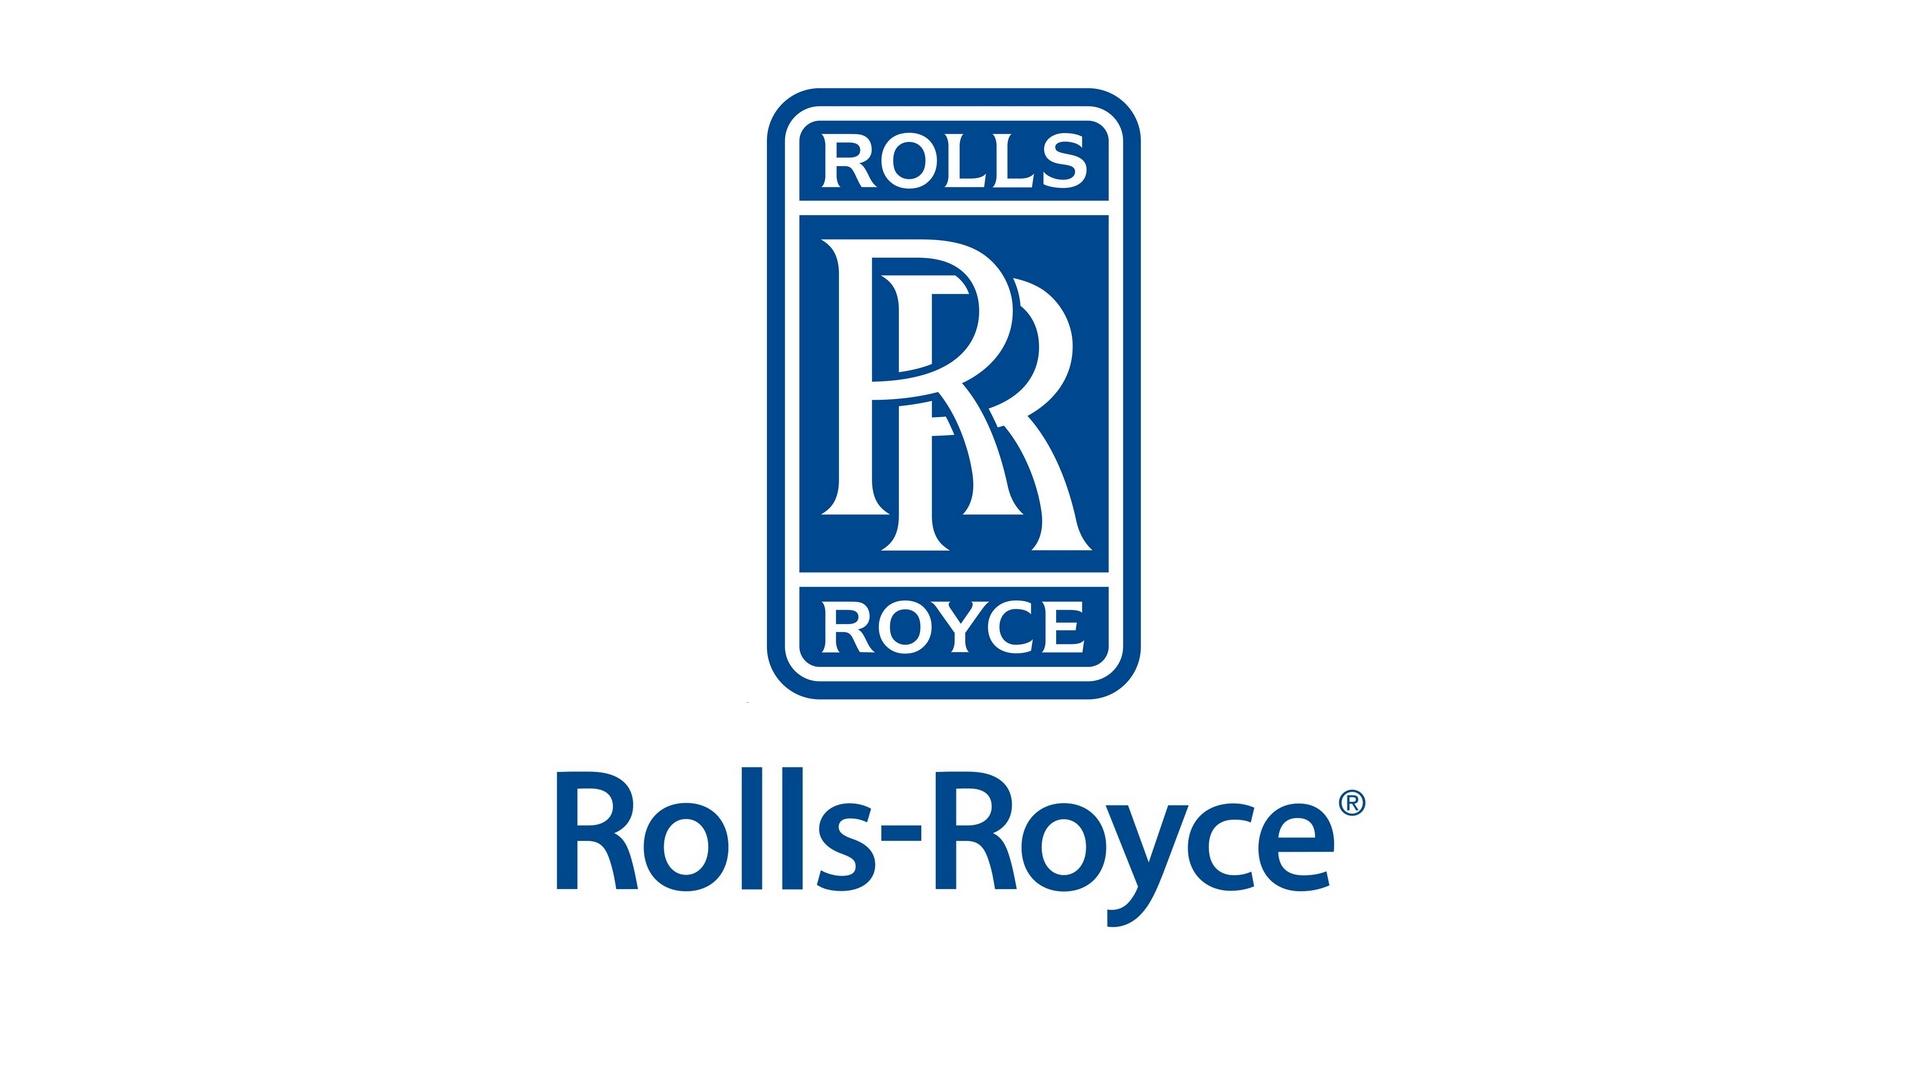 rolls royce logo-1